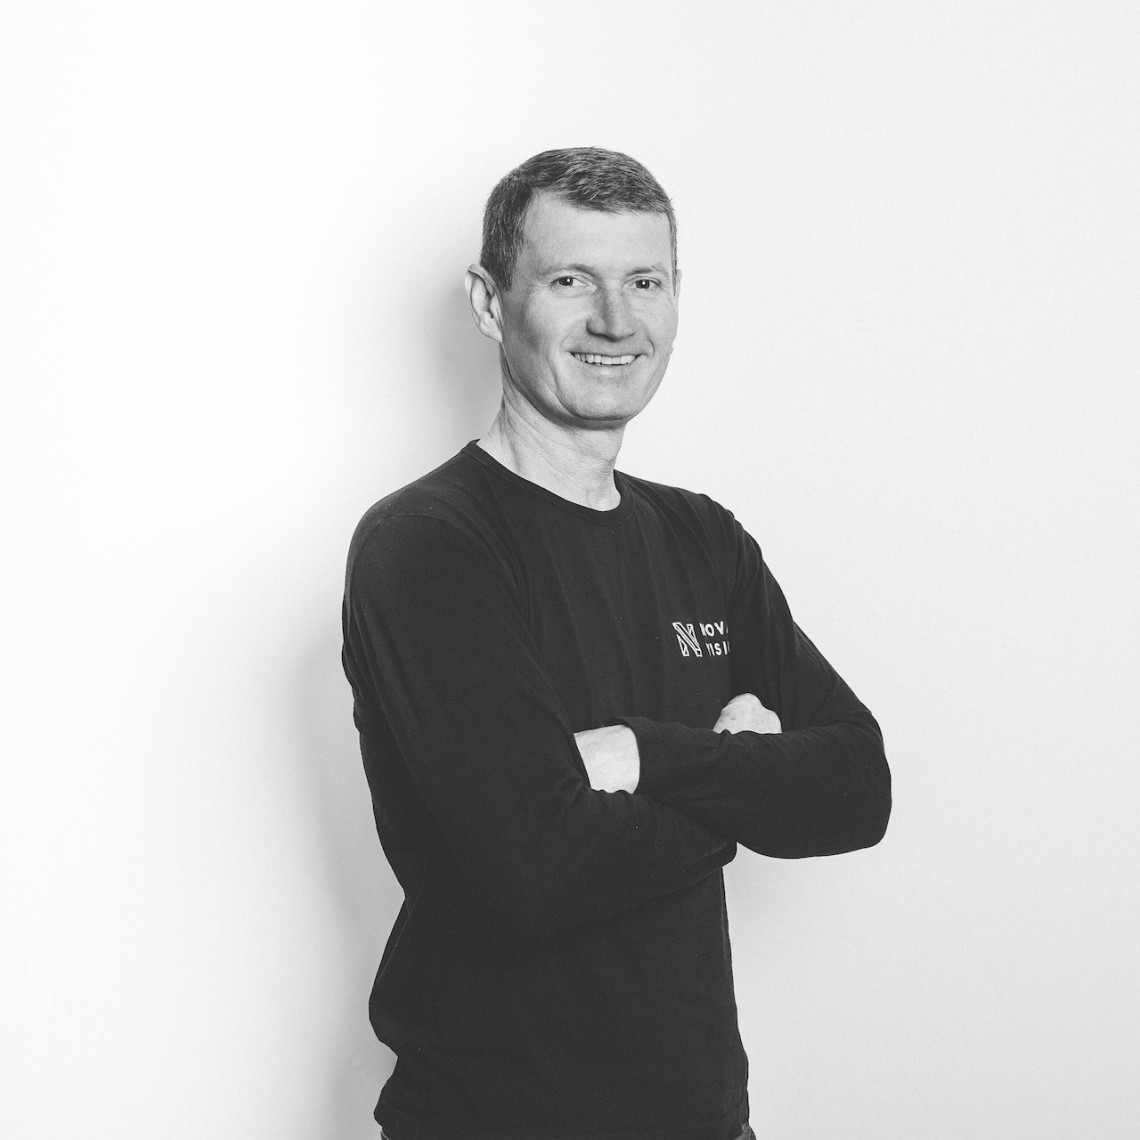 Daniel Hrbáč